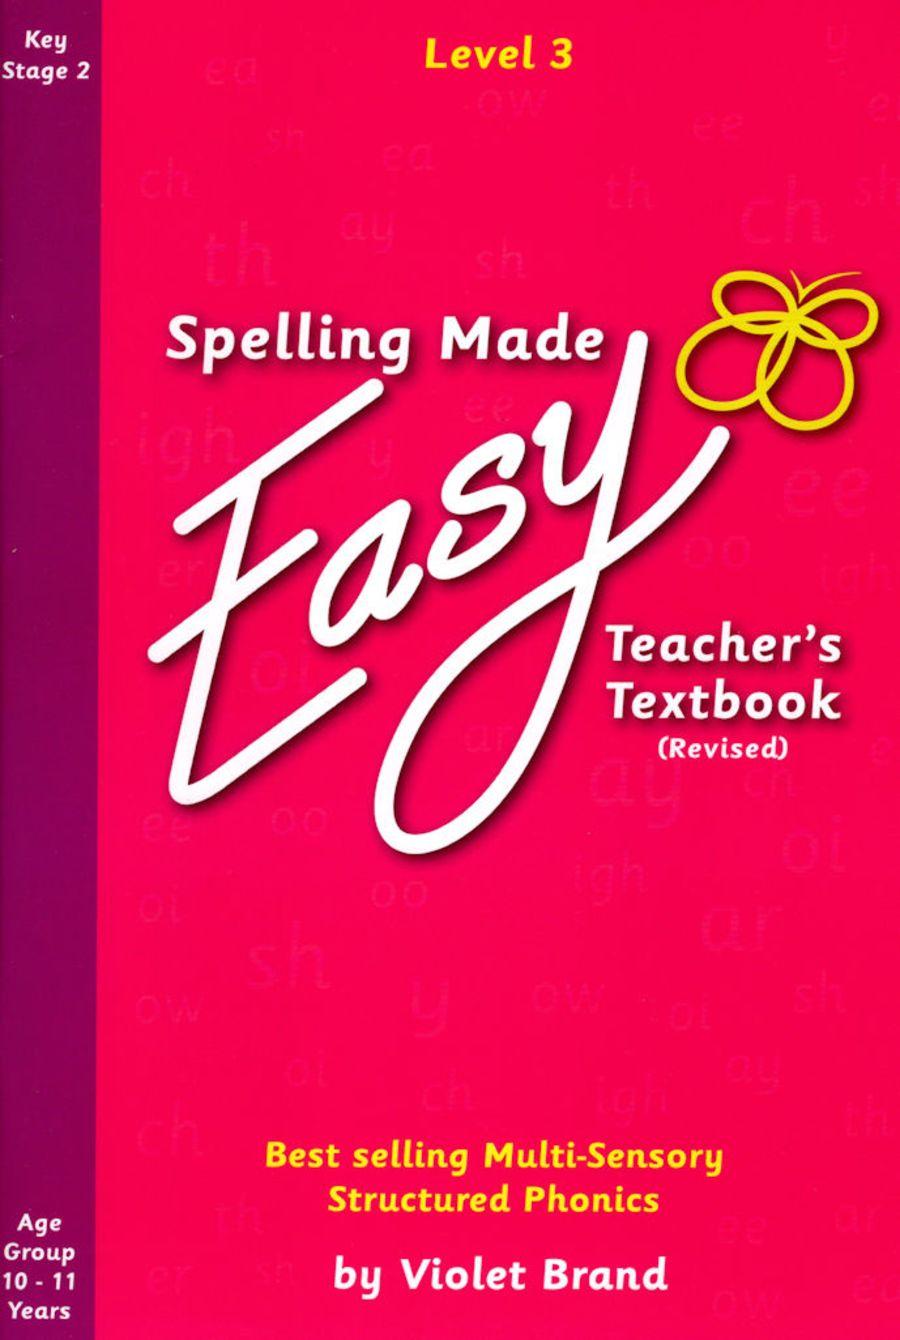 Spelling Made Easy Revised Teacher's Textbook Level 3